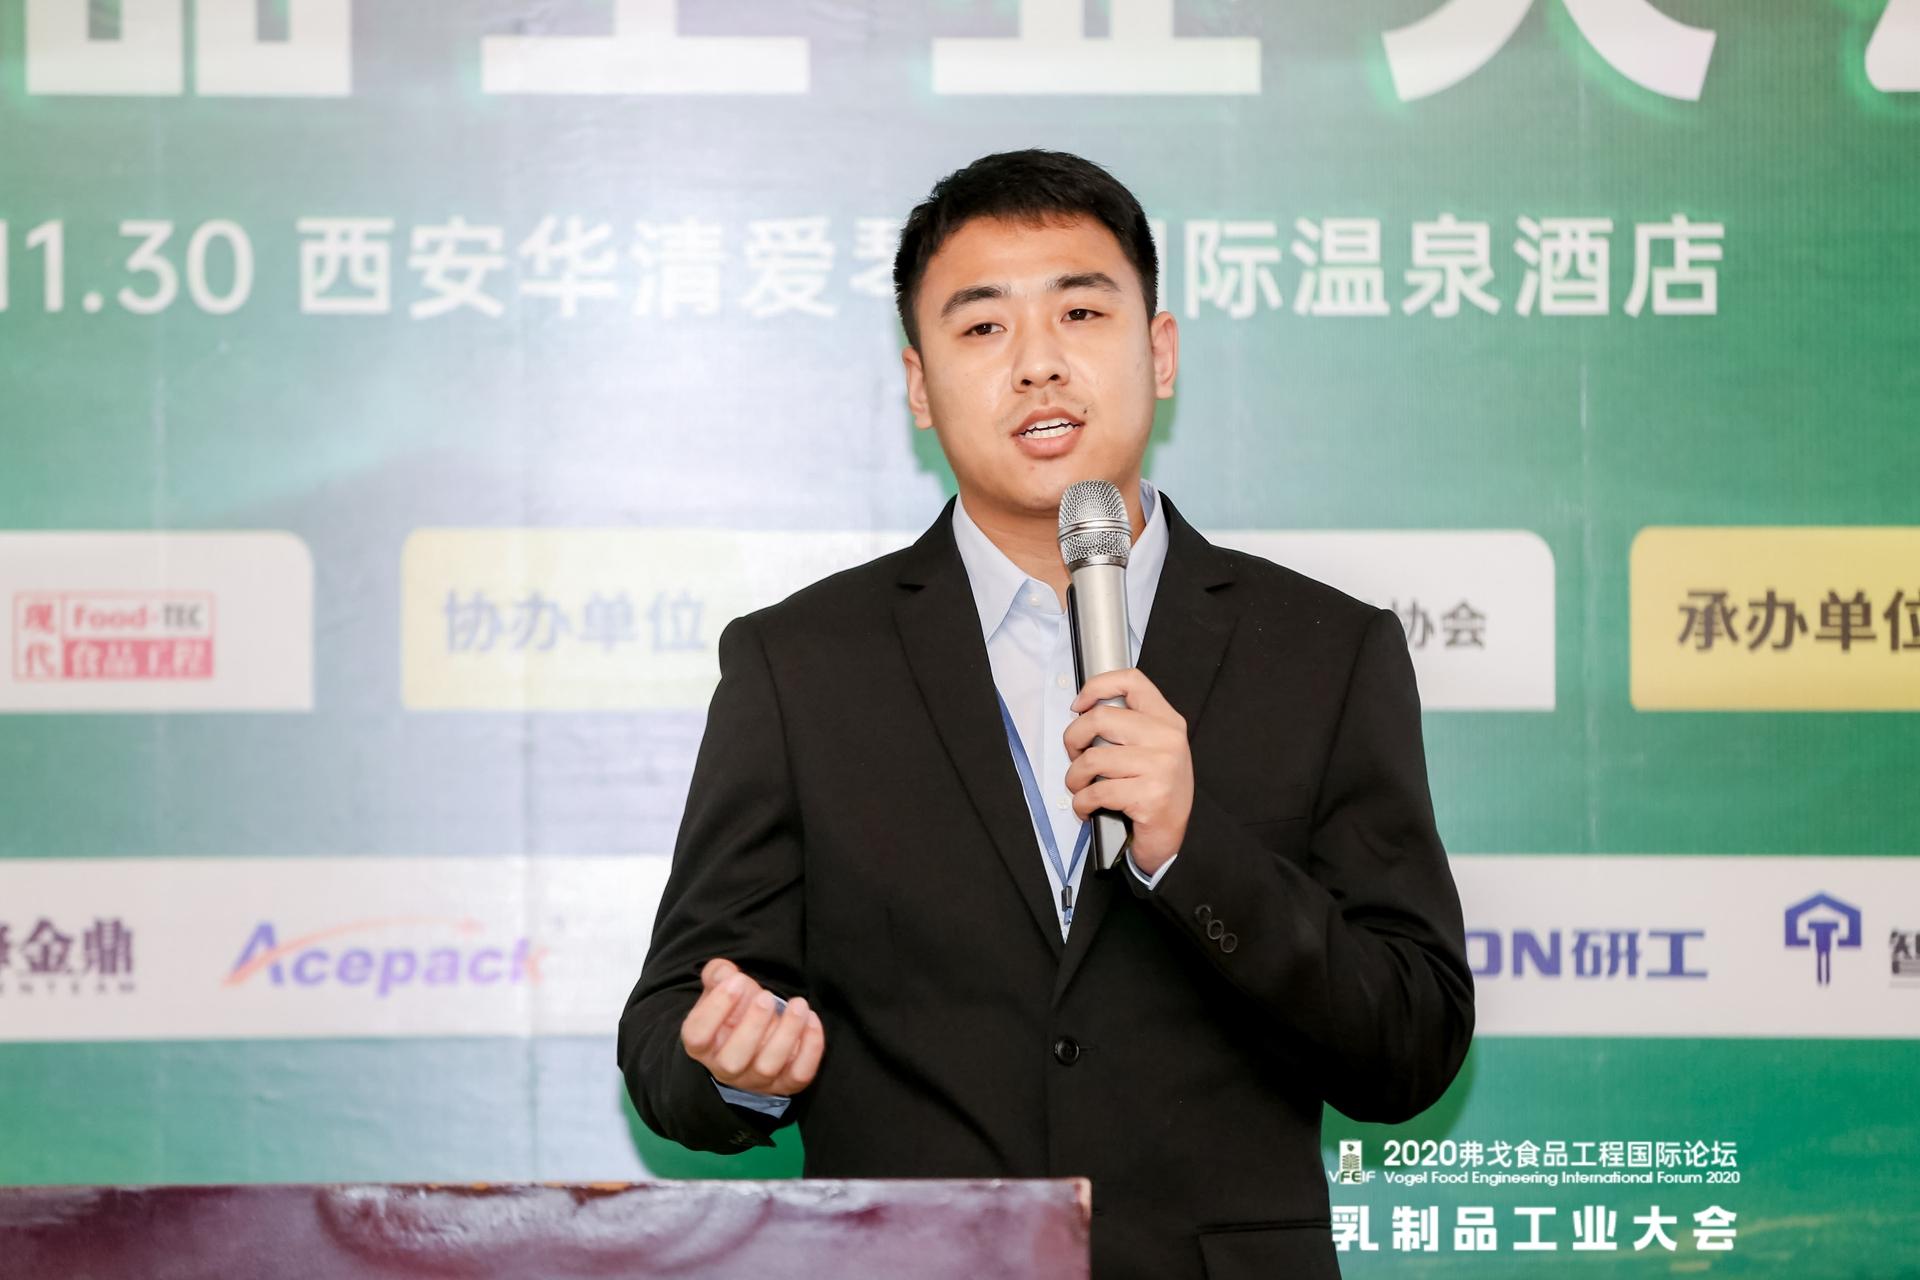 邱俊凯,北京长峰金鼎科技有限公司固体制剂装备事业部资深工程师